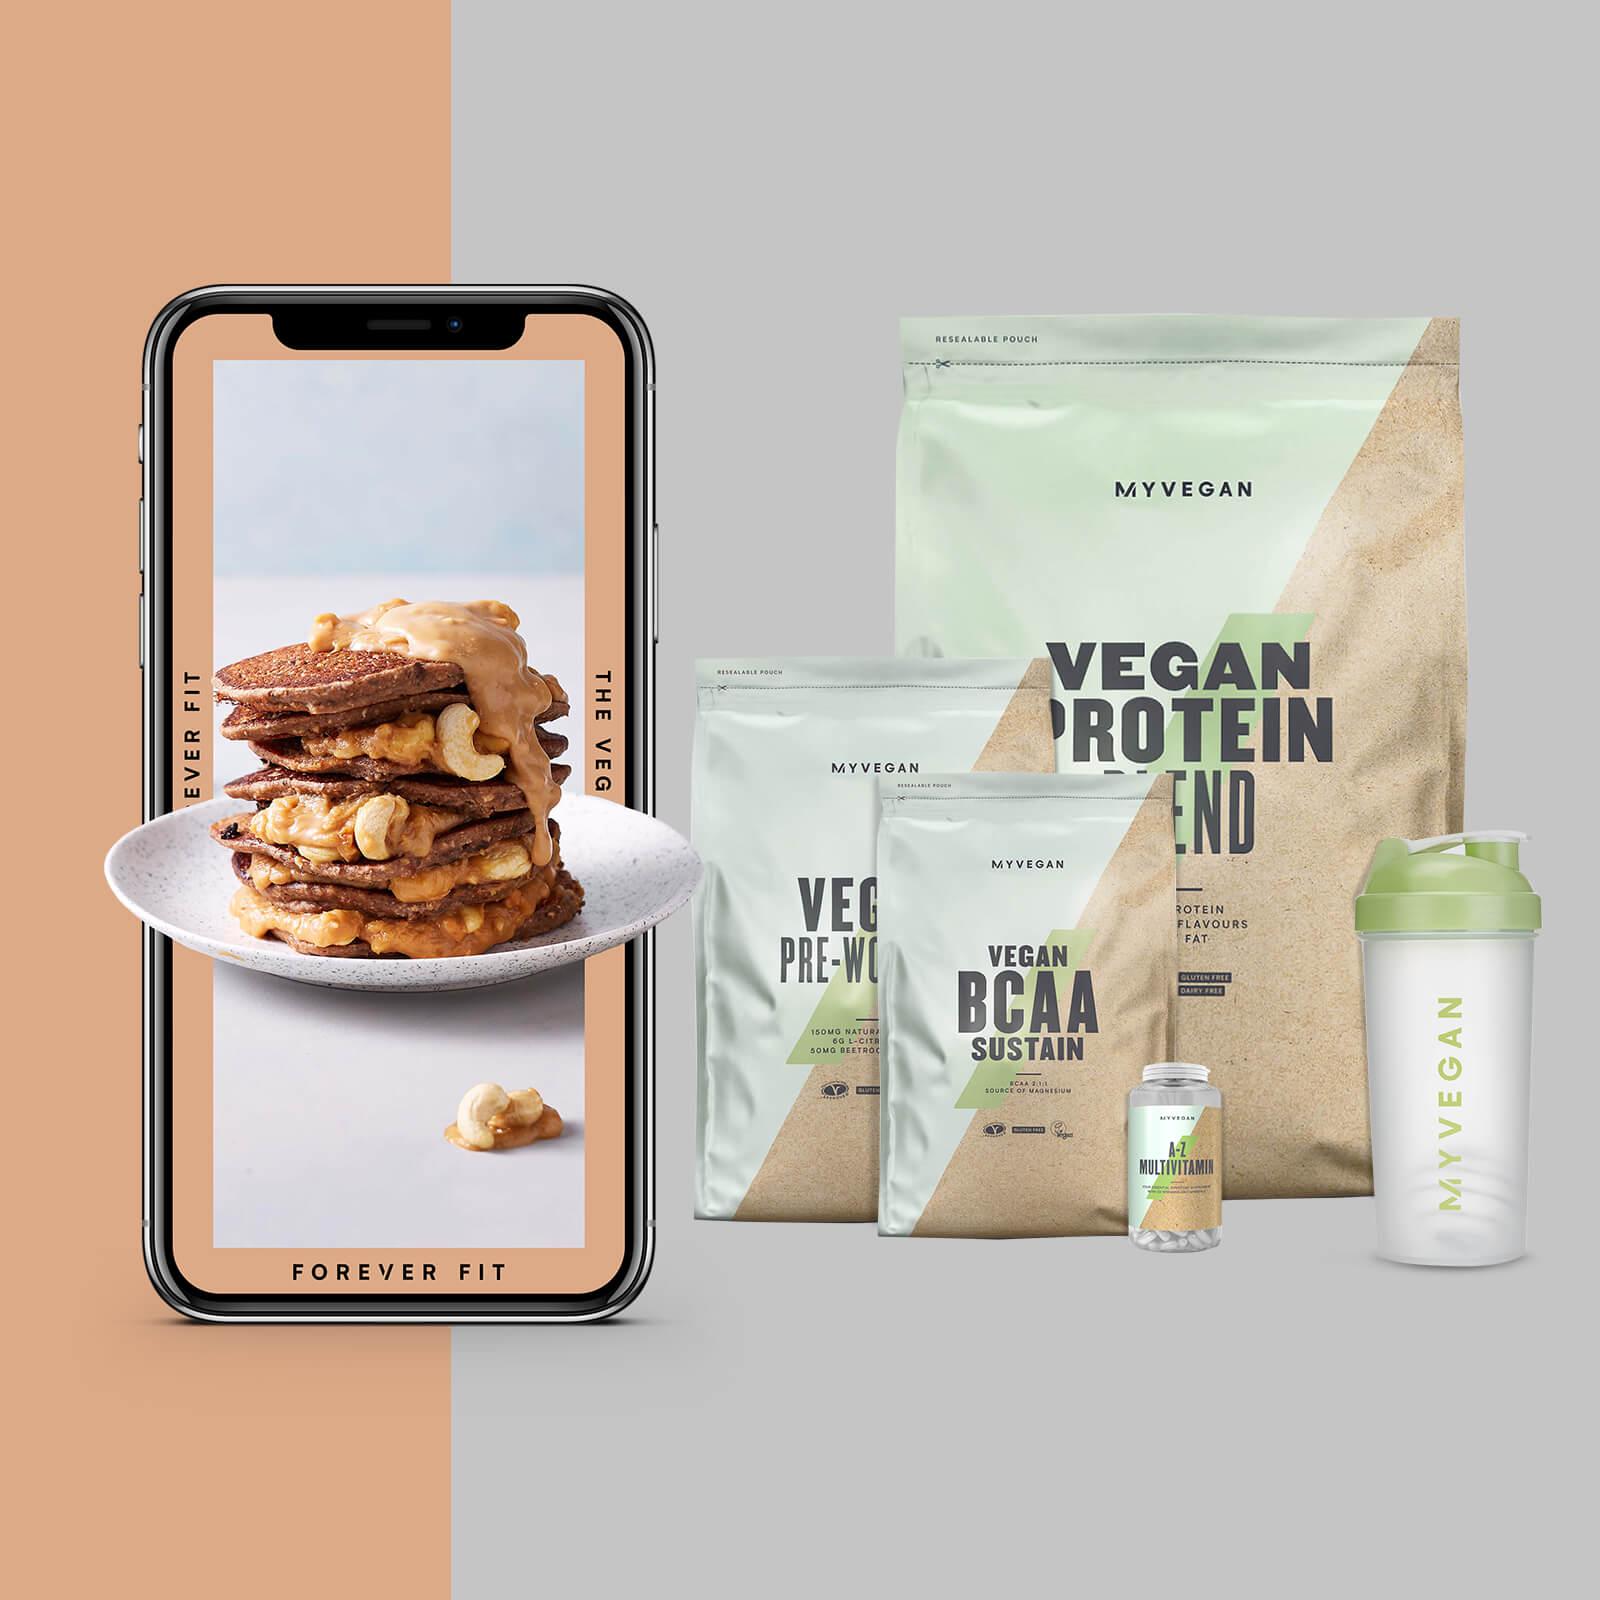 Le Pack Vegan + Guide Entraînement et Nutrition Offert - Lemon and Lime - Sour Apple - Strawberry